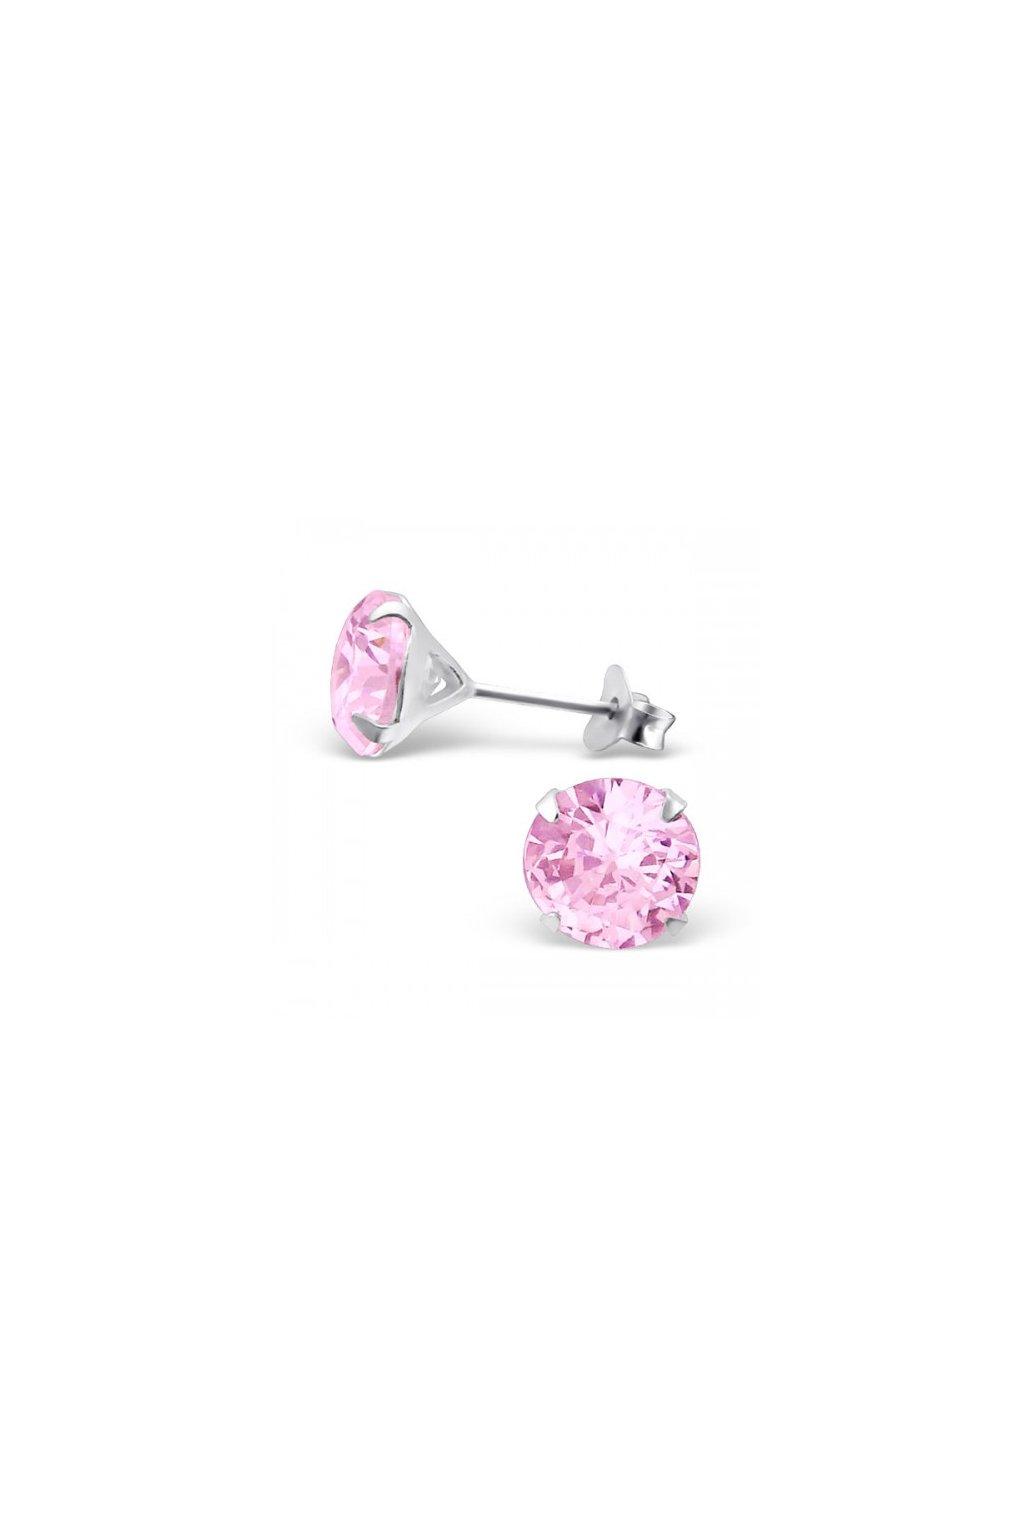 Strieborné náušnice bodky - 925 okrúhly ružový kryštál MS1020-4